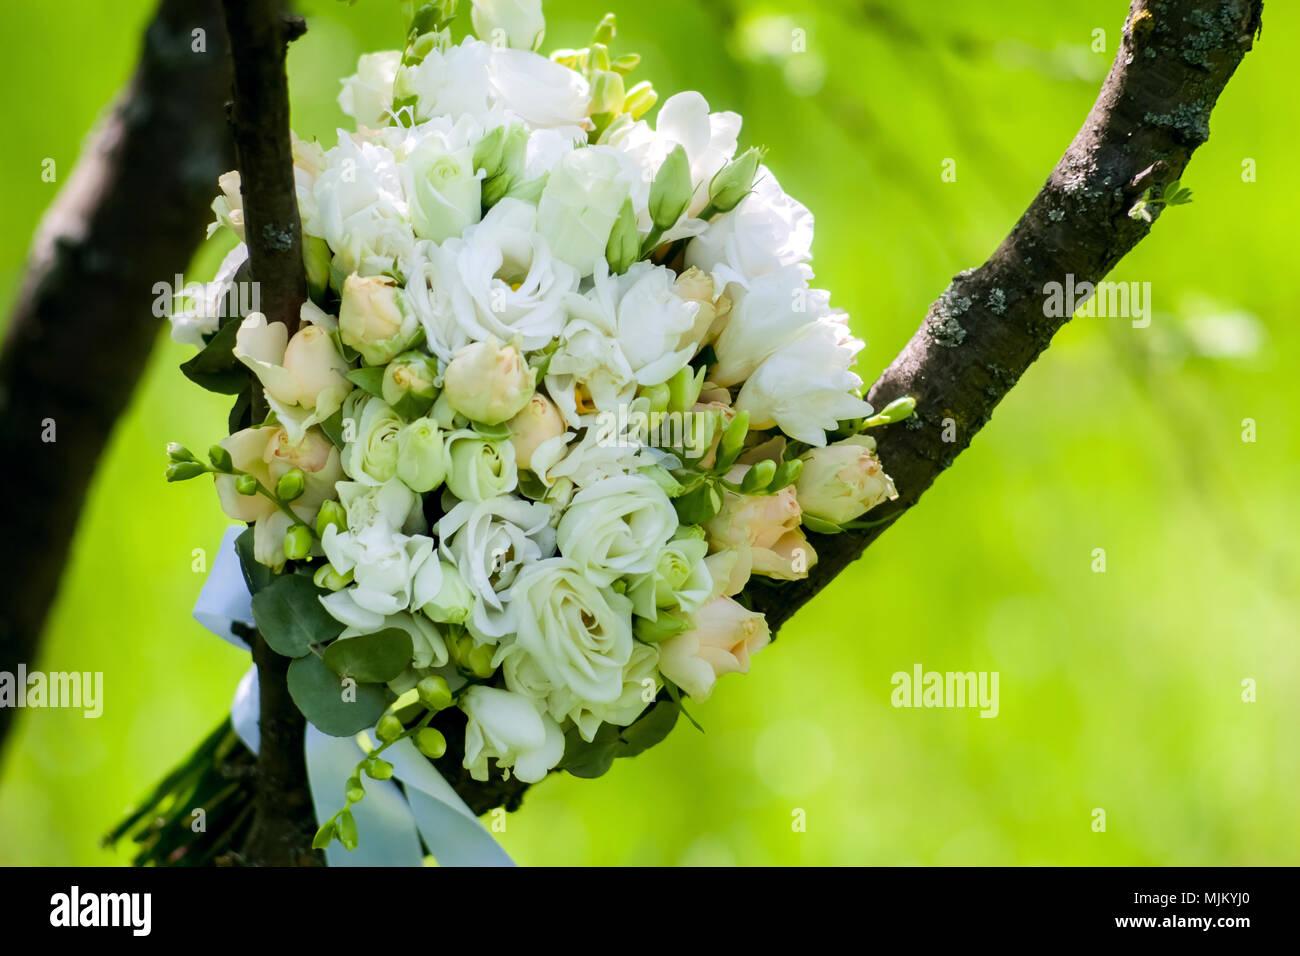 Hochzeit Dekor Der Braut Schuhe Eine Schone Hochzeit Bouquet